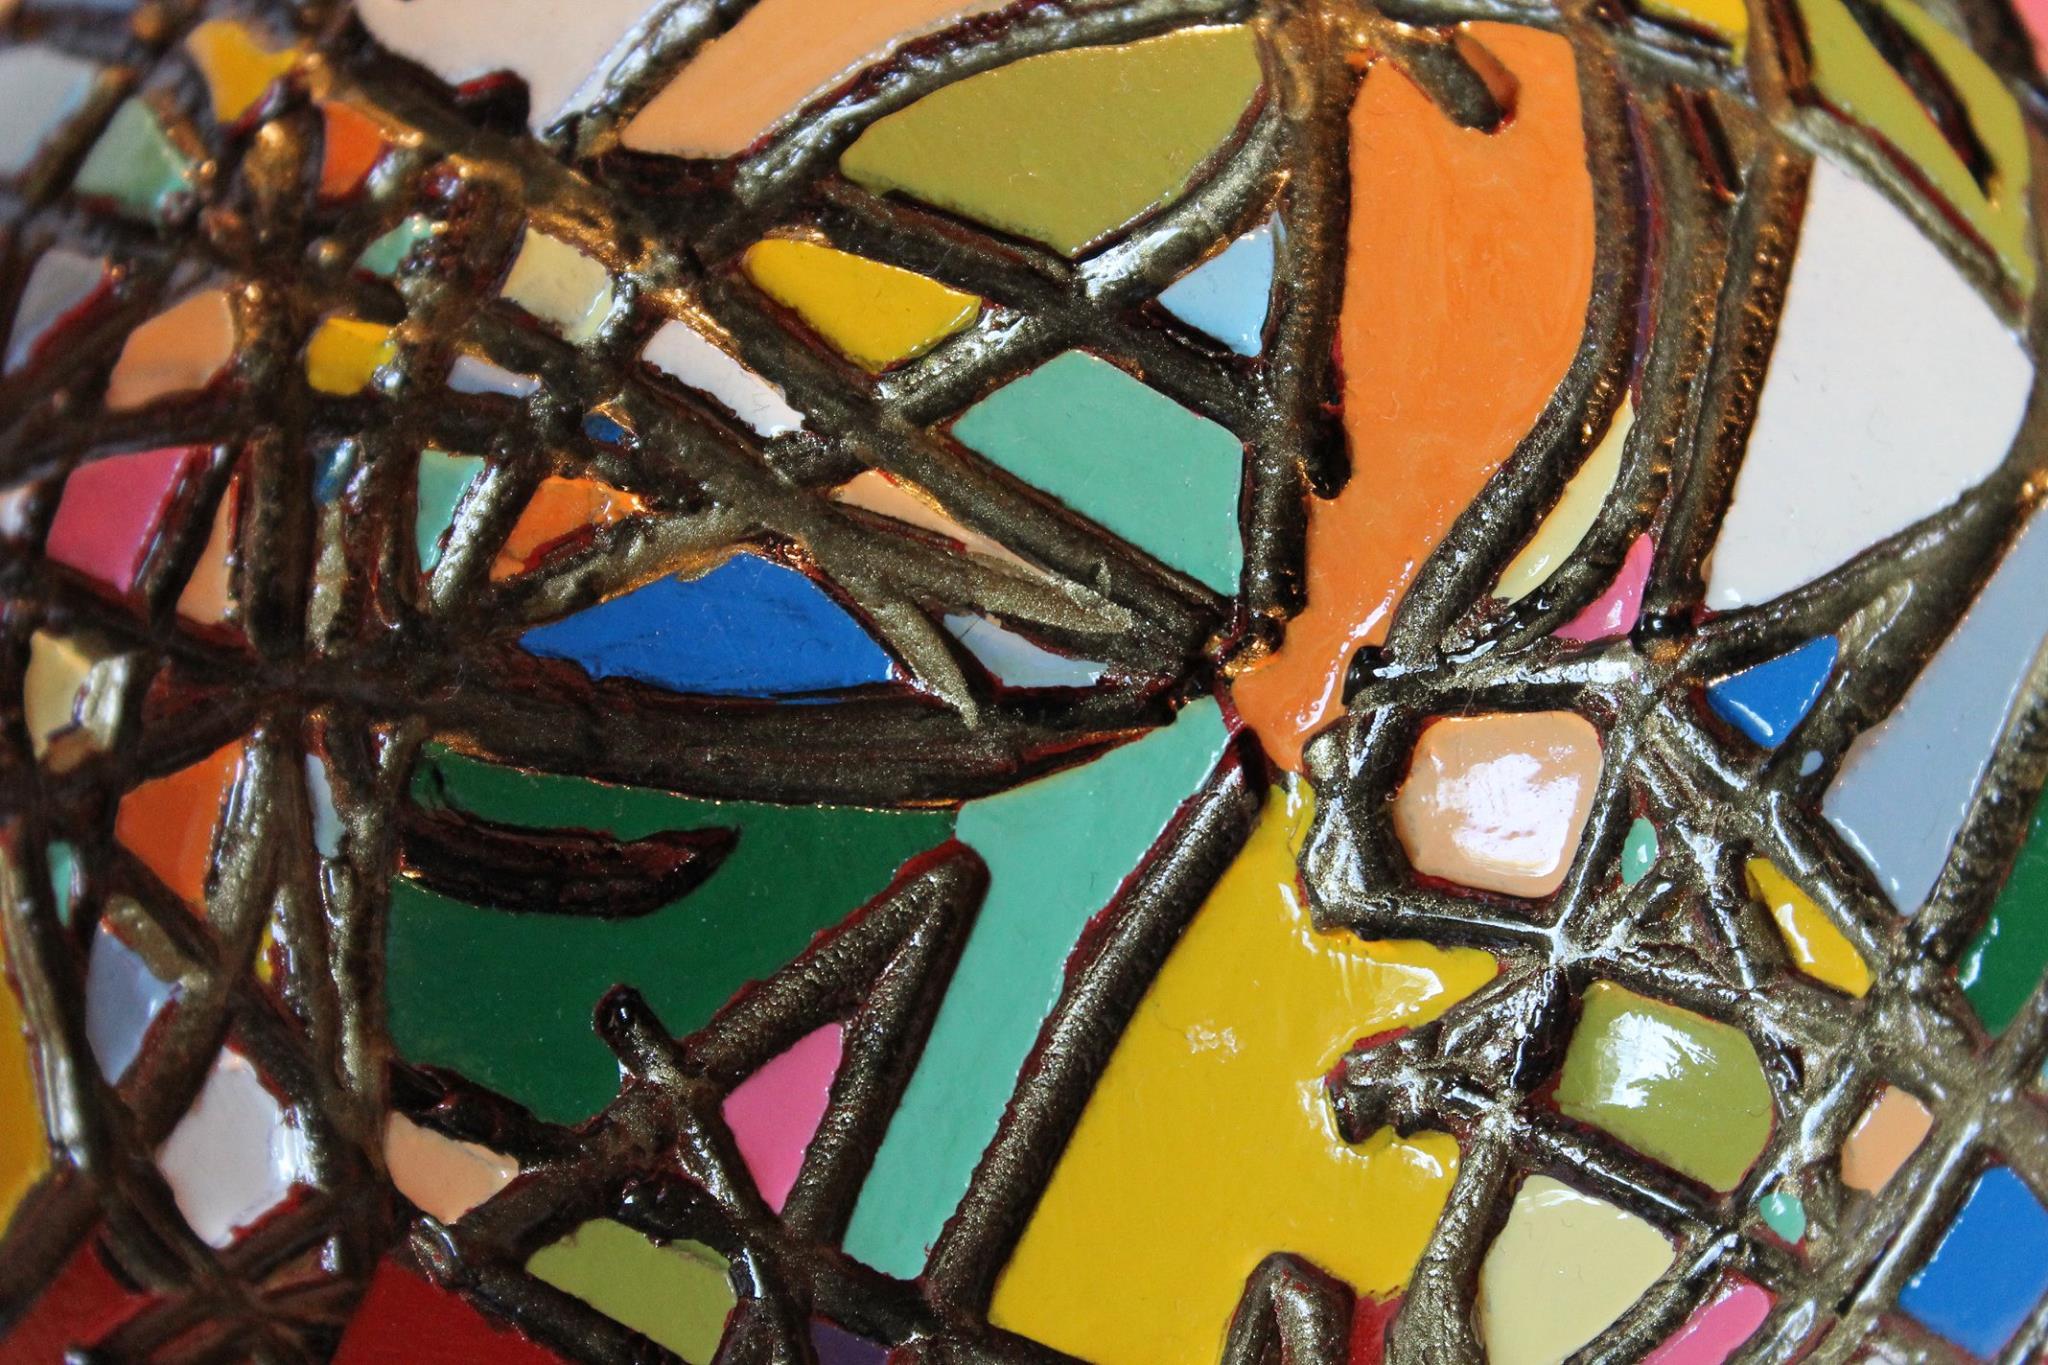 """Luino, """"Gocce d'Arte"""": oggi alle 18 il vernissage di """"Sphaera et Phantasy"""", mostra di Alberto Chisari"""